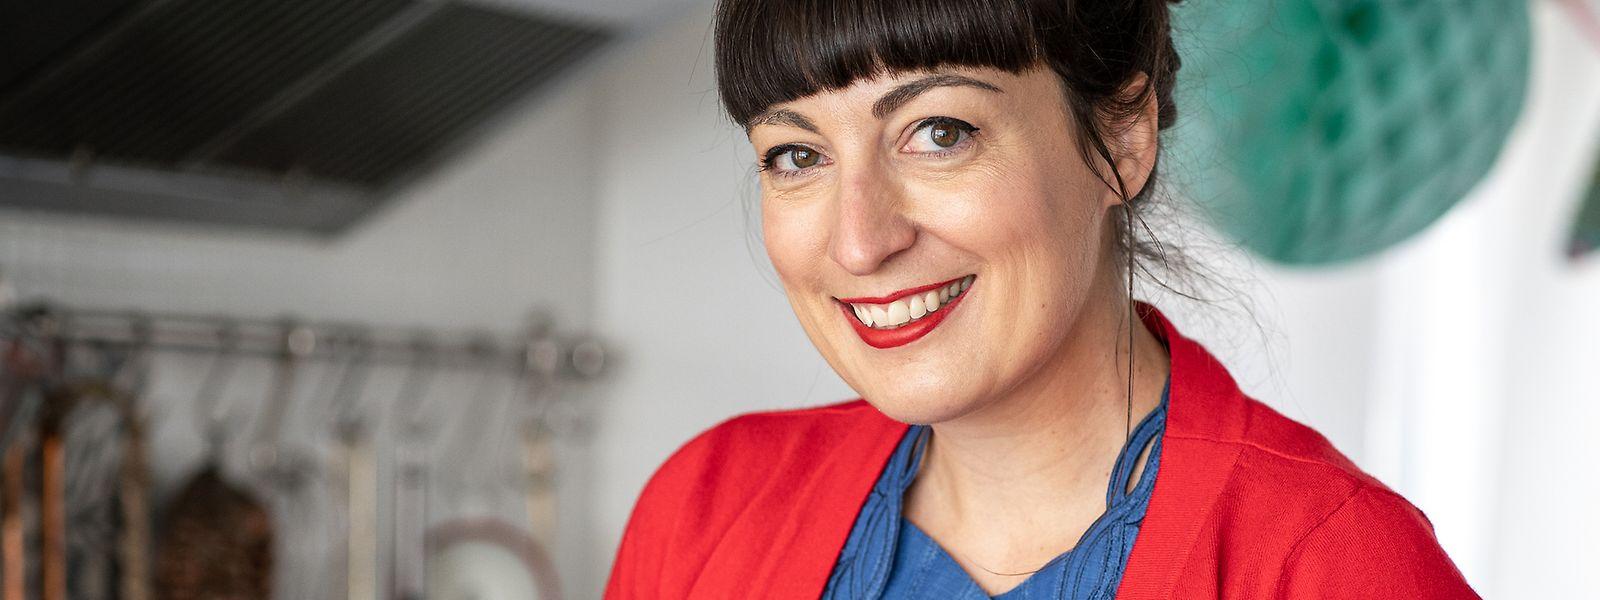 Anne Faber ist kein Fan von aufwendiger Küche. Lecker und praktisch soll es sein.